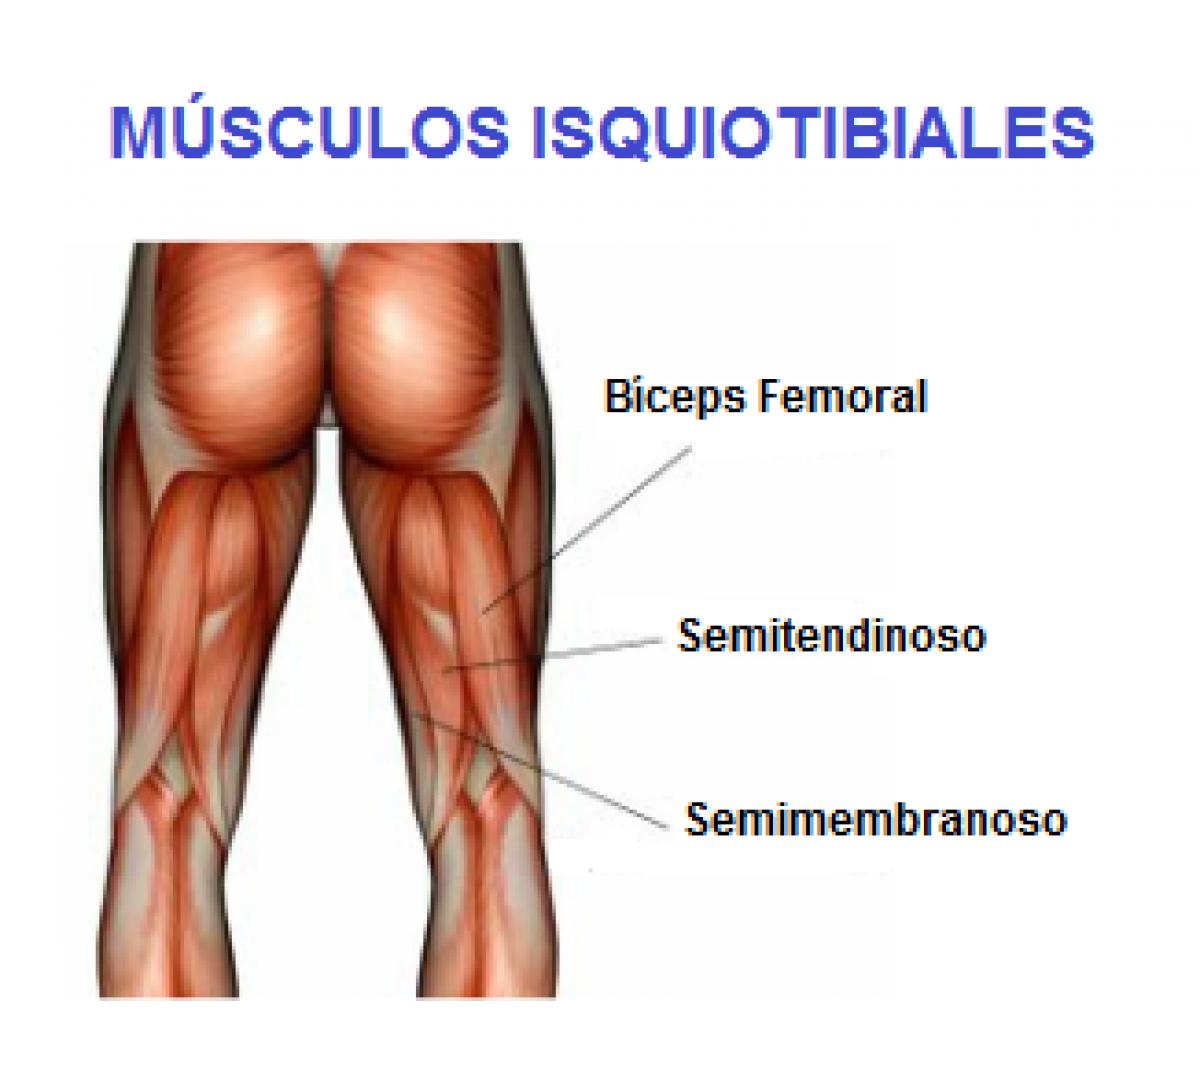 Recuperacion desgarro biceps femoral